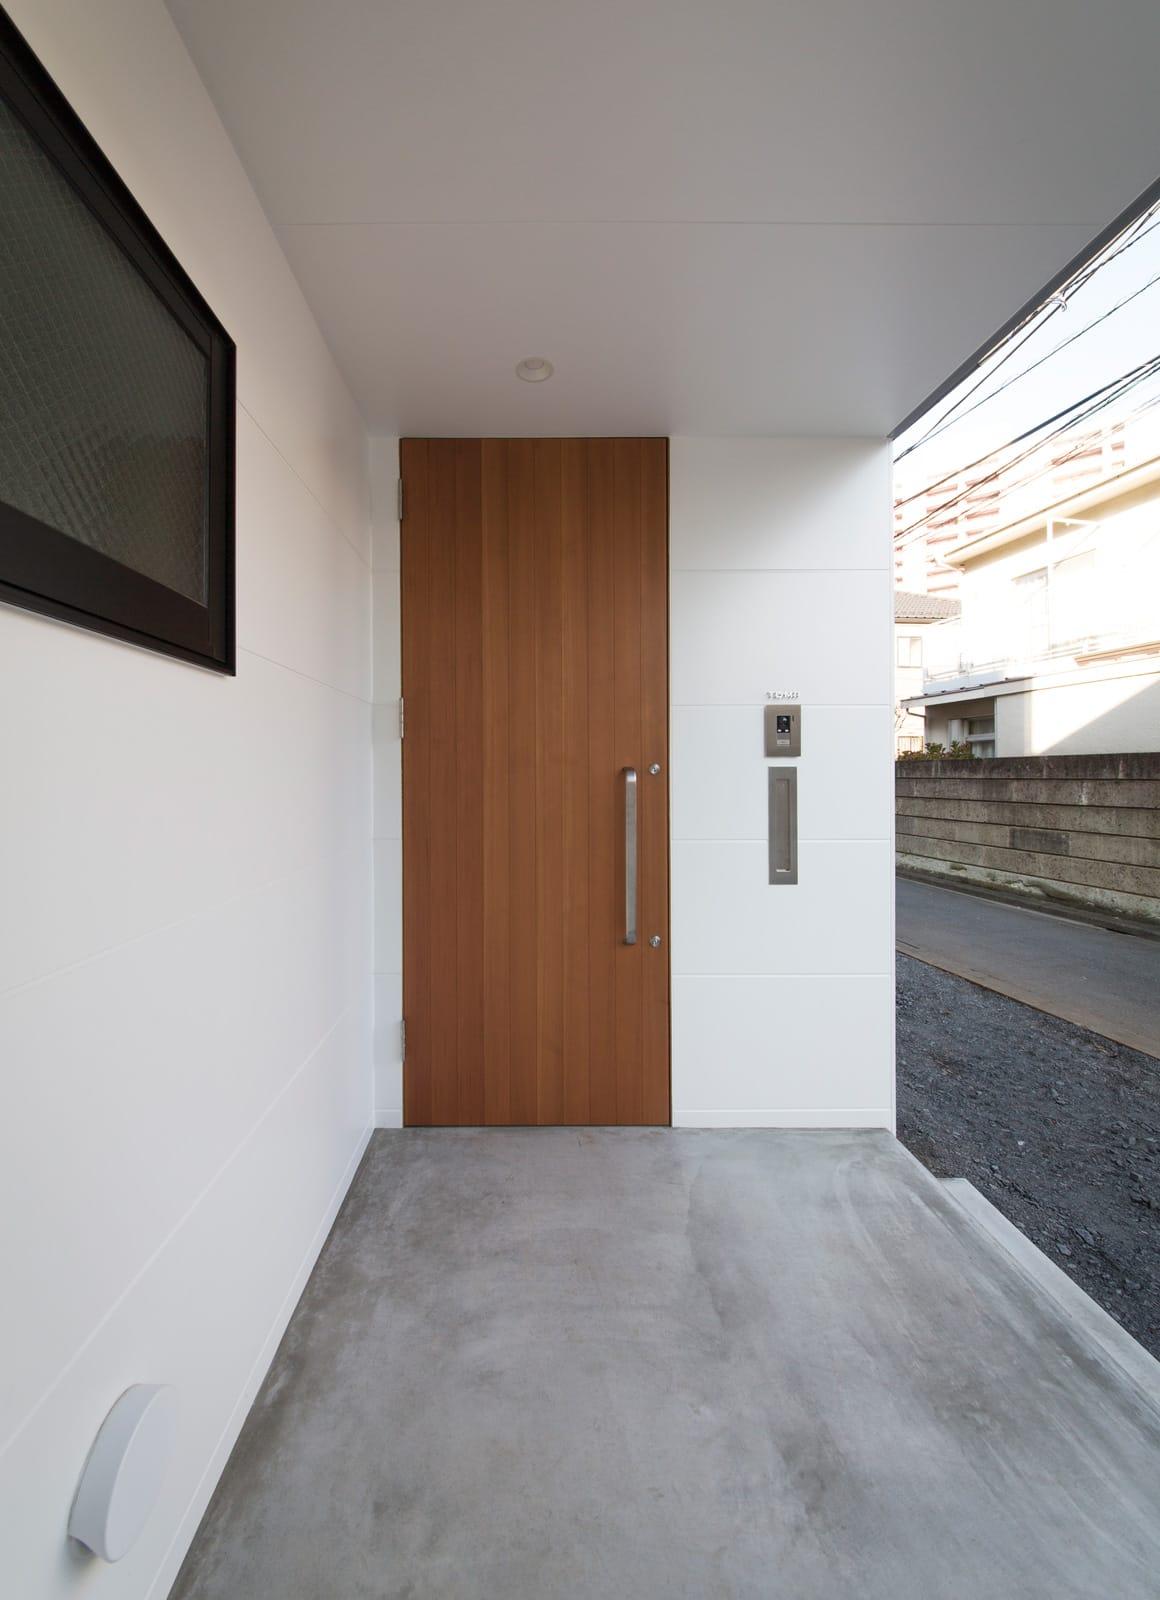 フィッシャーマンハウスのポーチ・玄関扉1